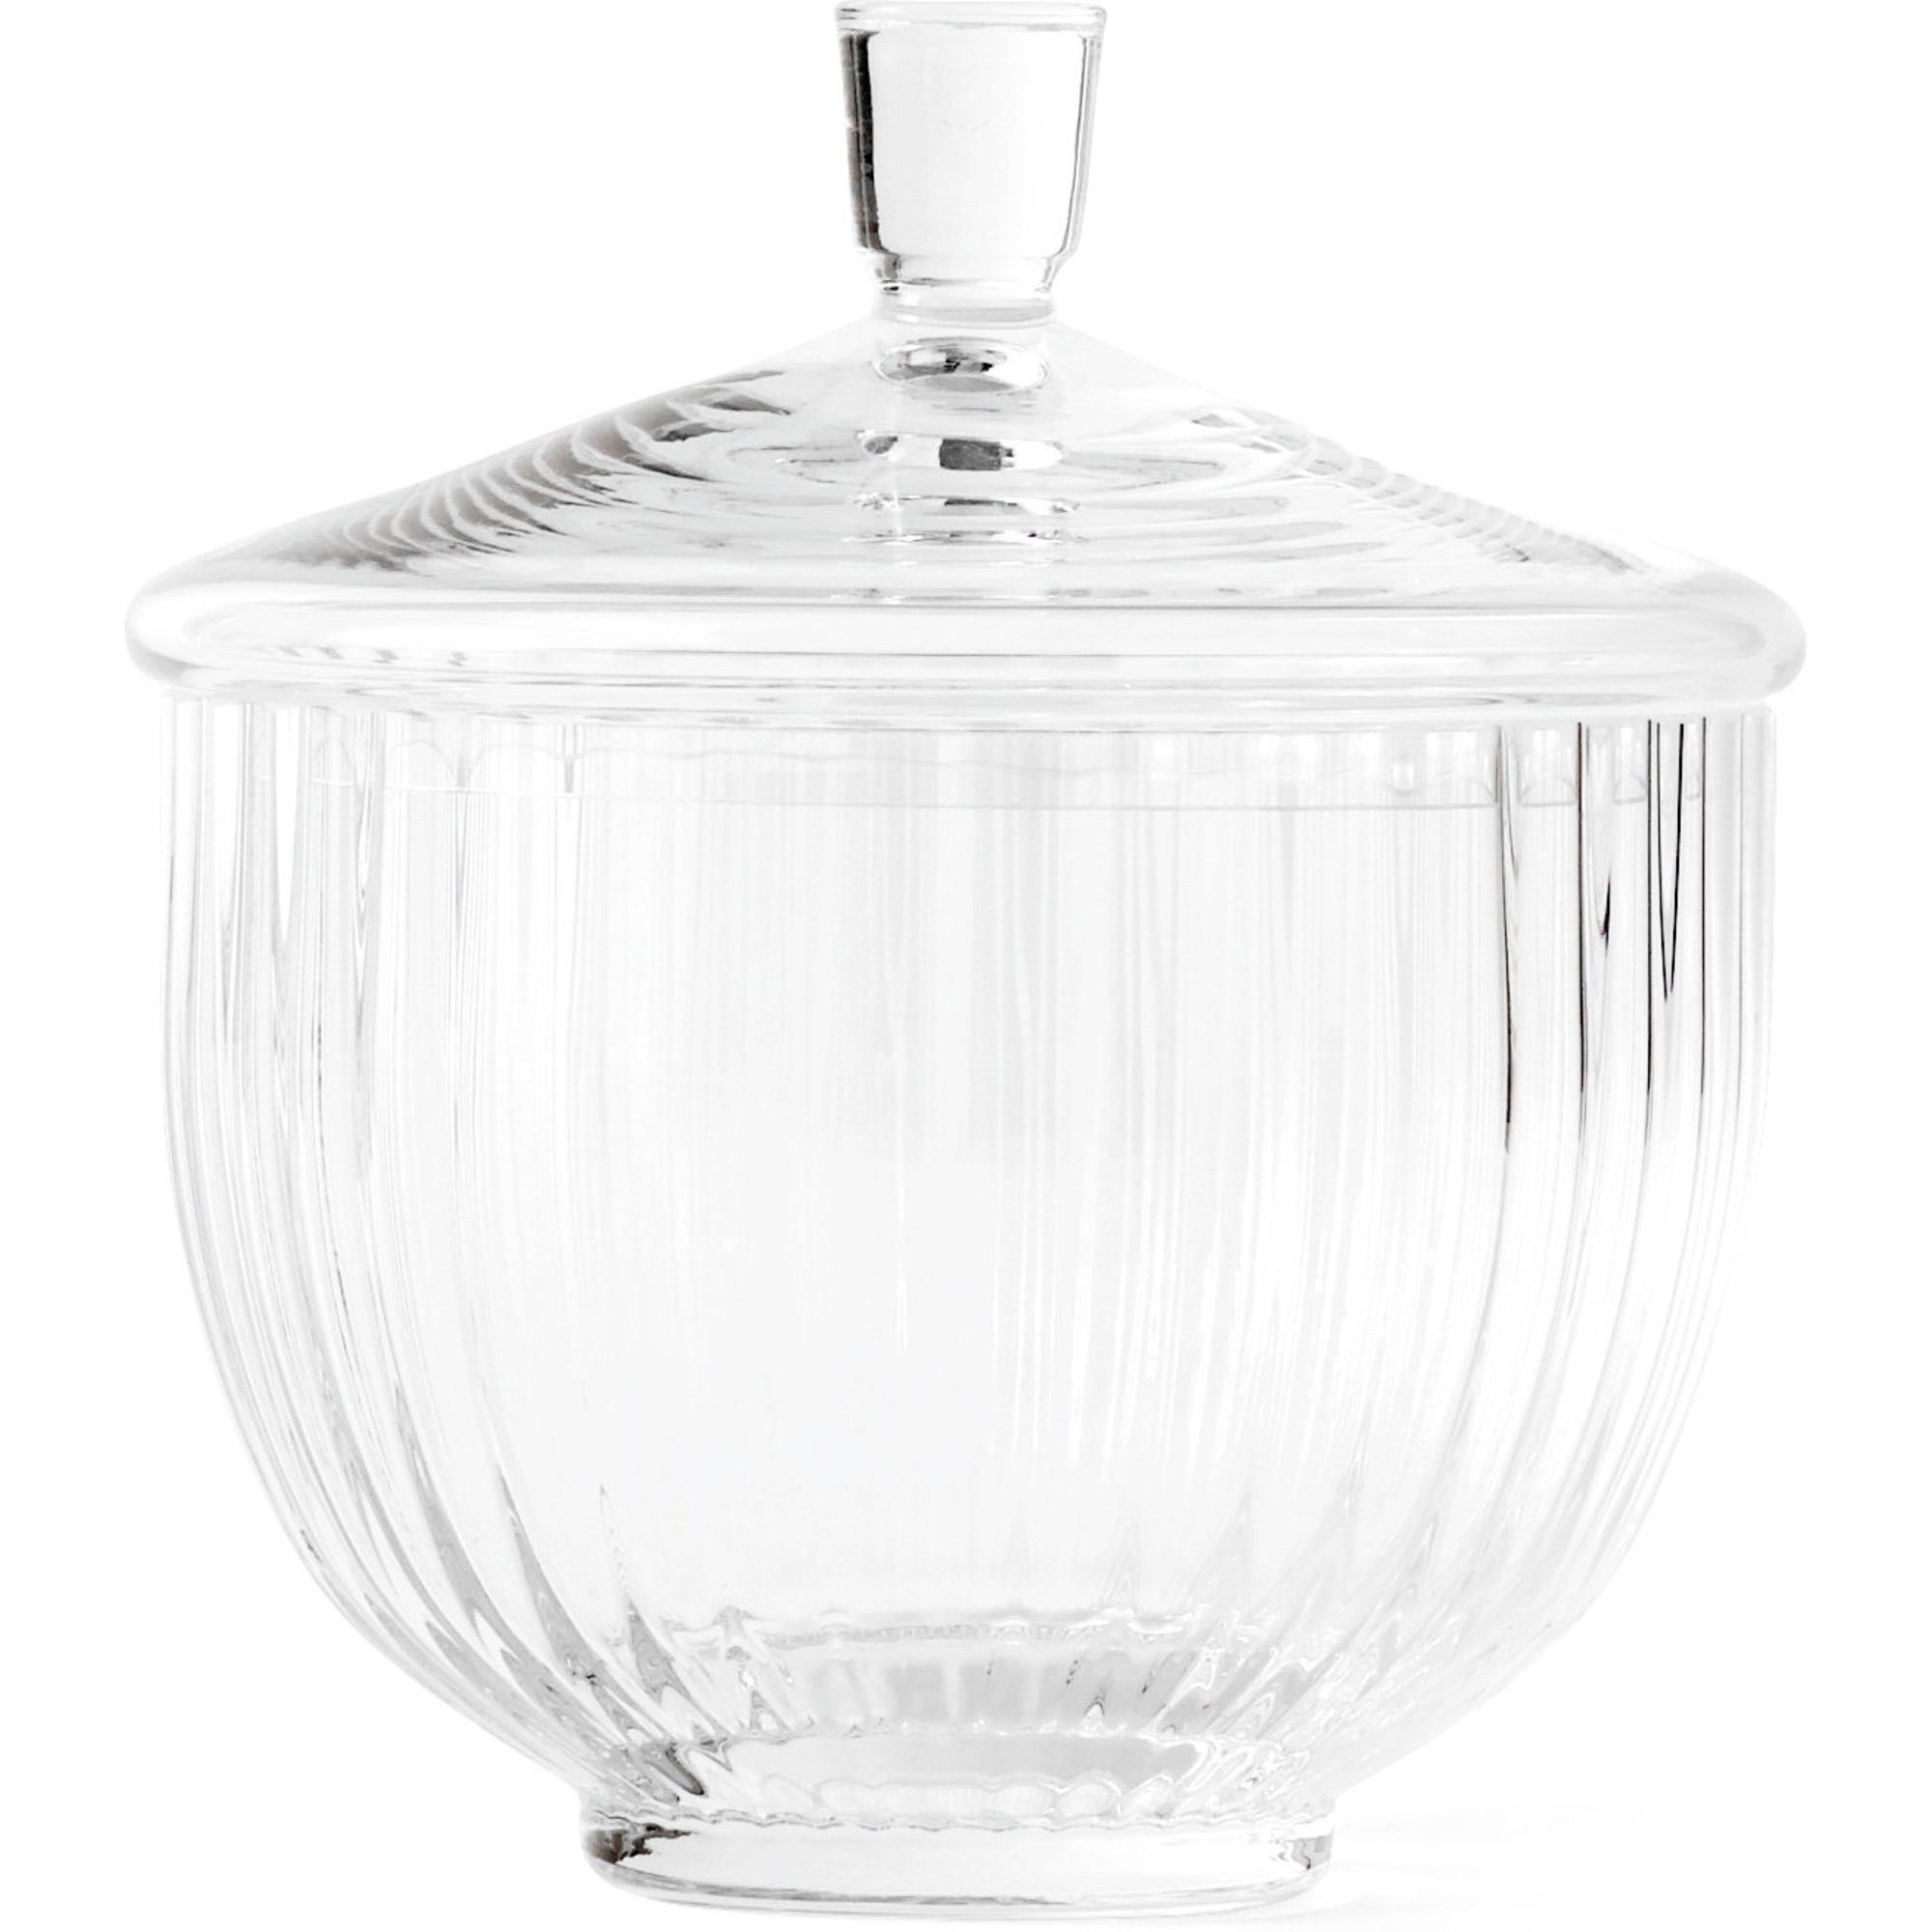 Lyngby Porcelæn Bonbonniere 14 cm. glas